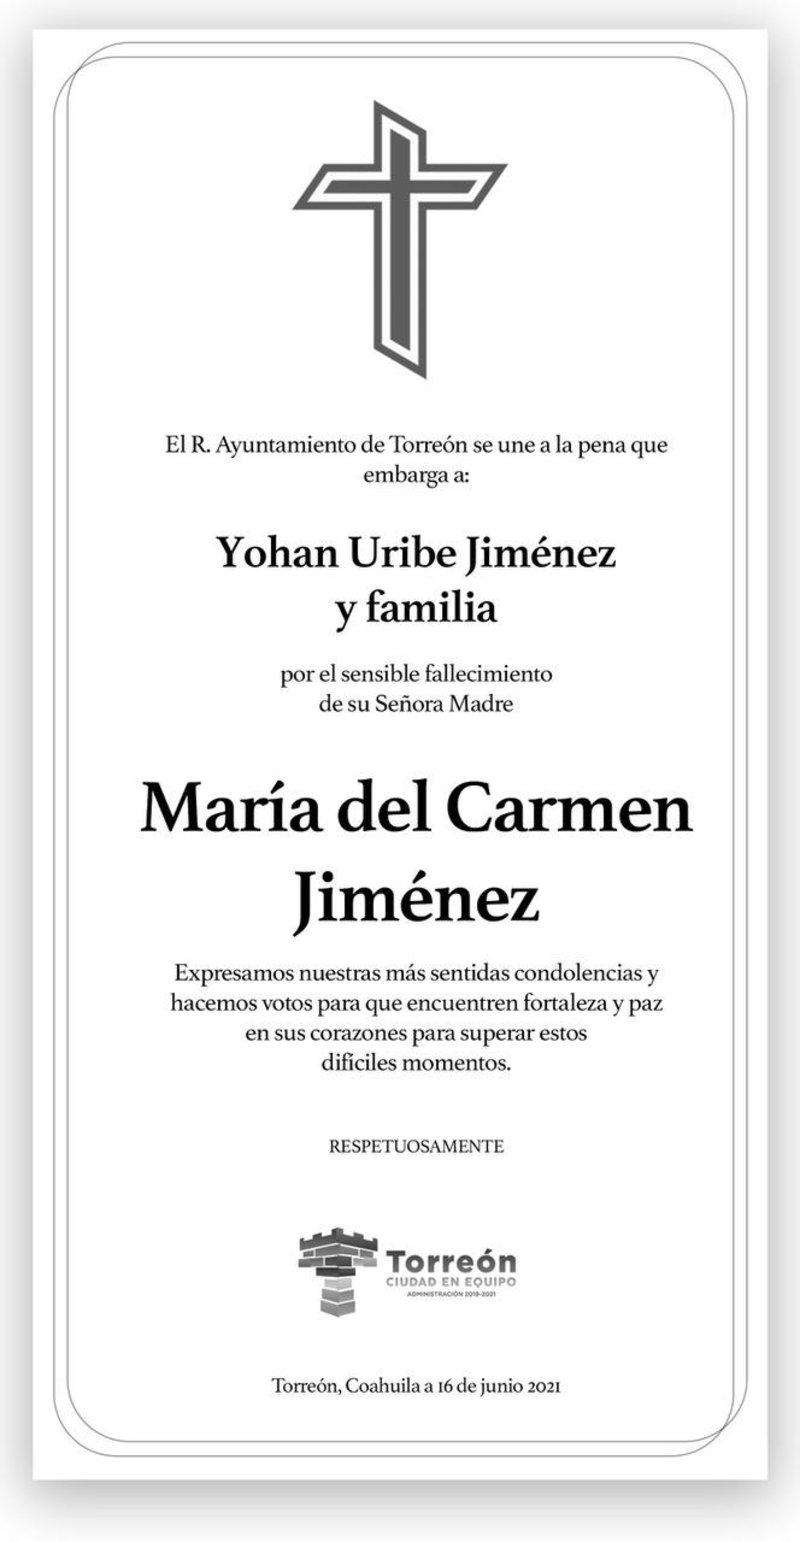 CONDOLENCIA: SRA. MARÍA DEL CARMEN JIMÉNEZ. Ayuntamiento de Torreón expresa su más sentido pésame por el sensible fallecimiento de la Sra. María del Carmen Jiménez. Descanse en paz.